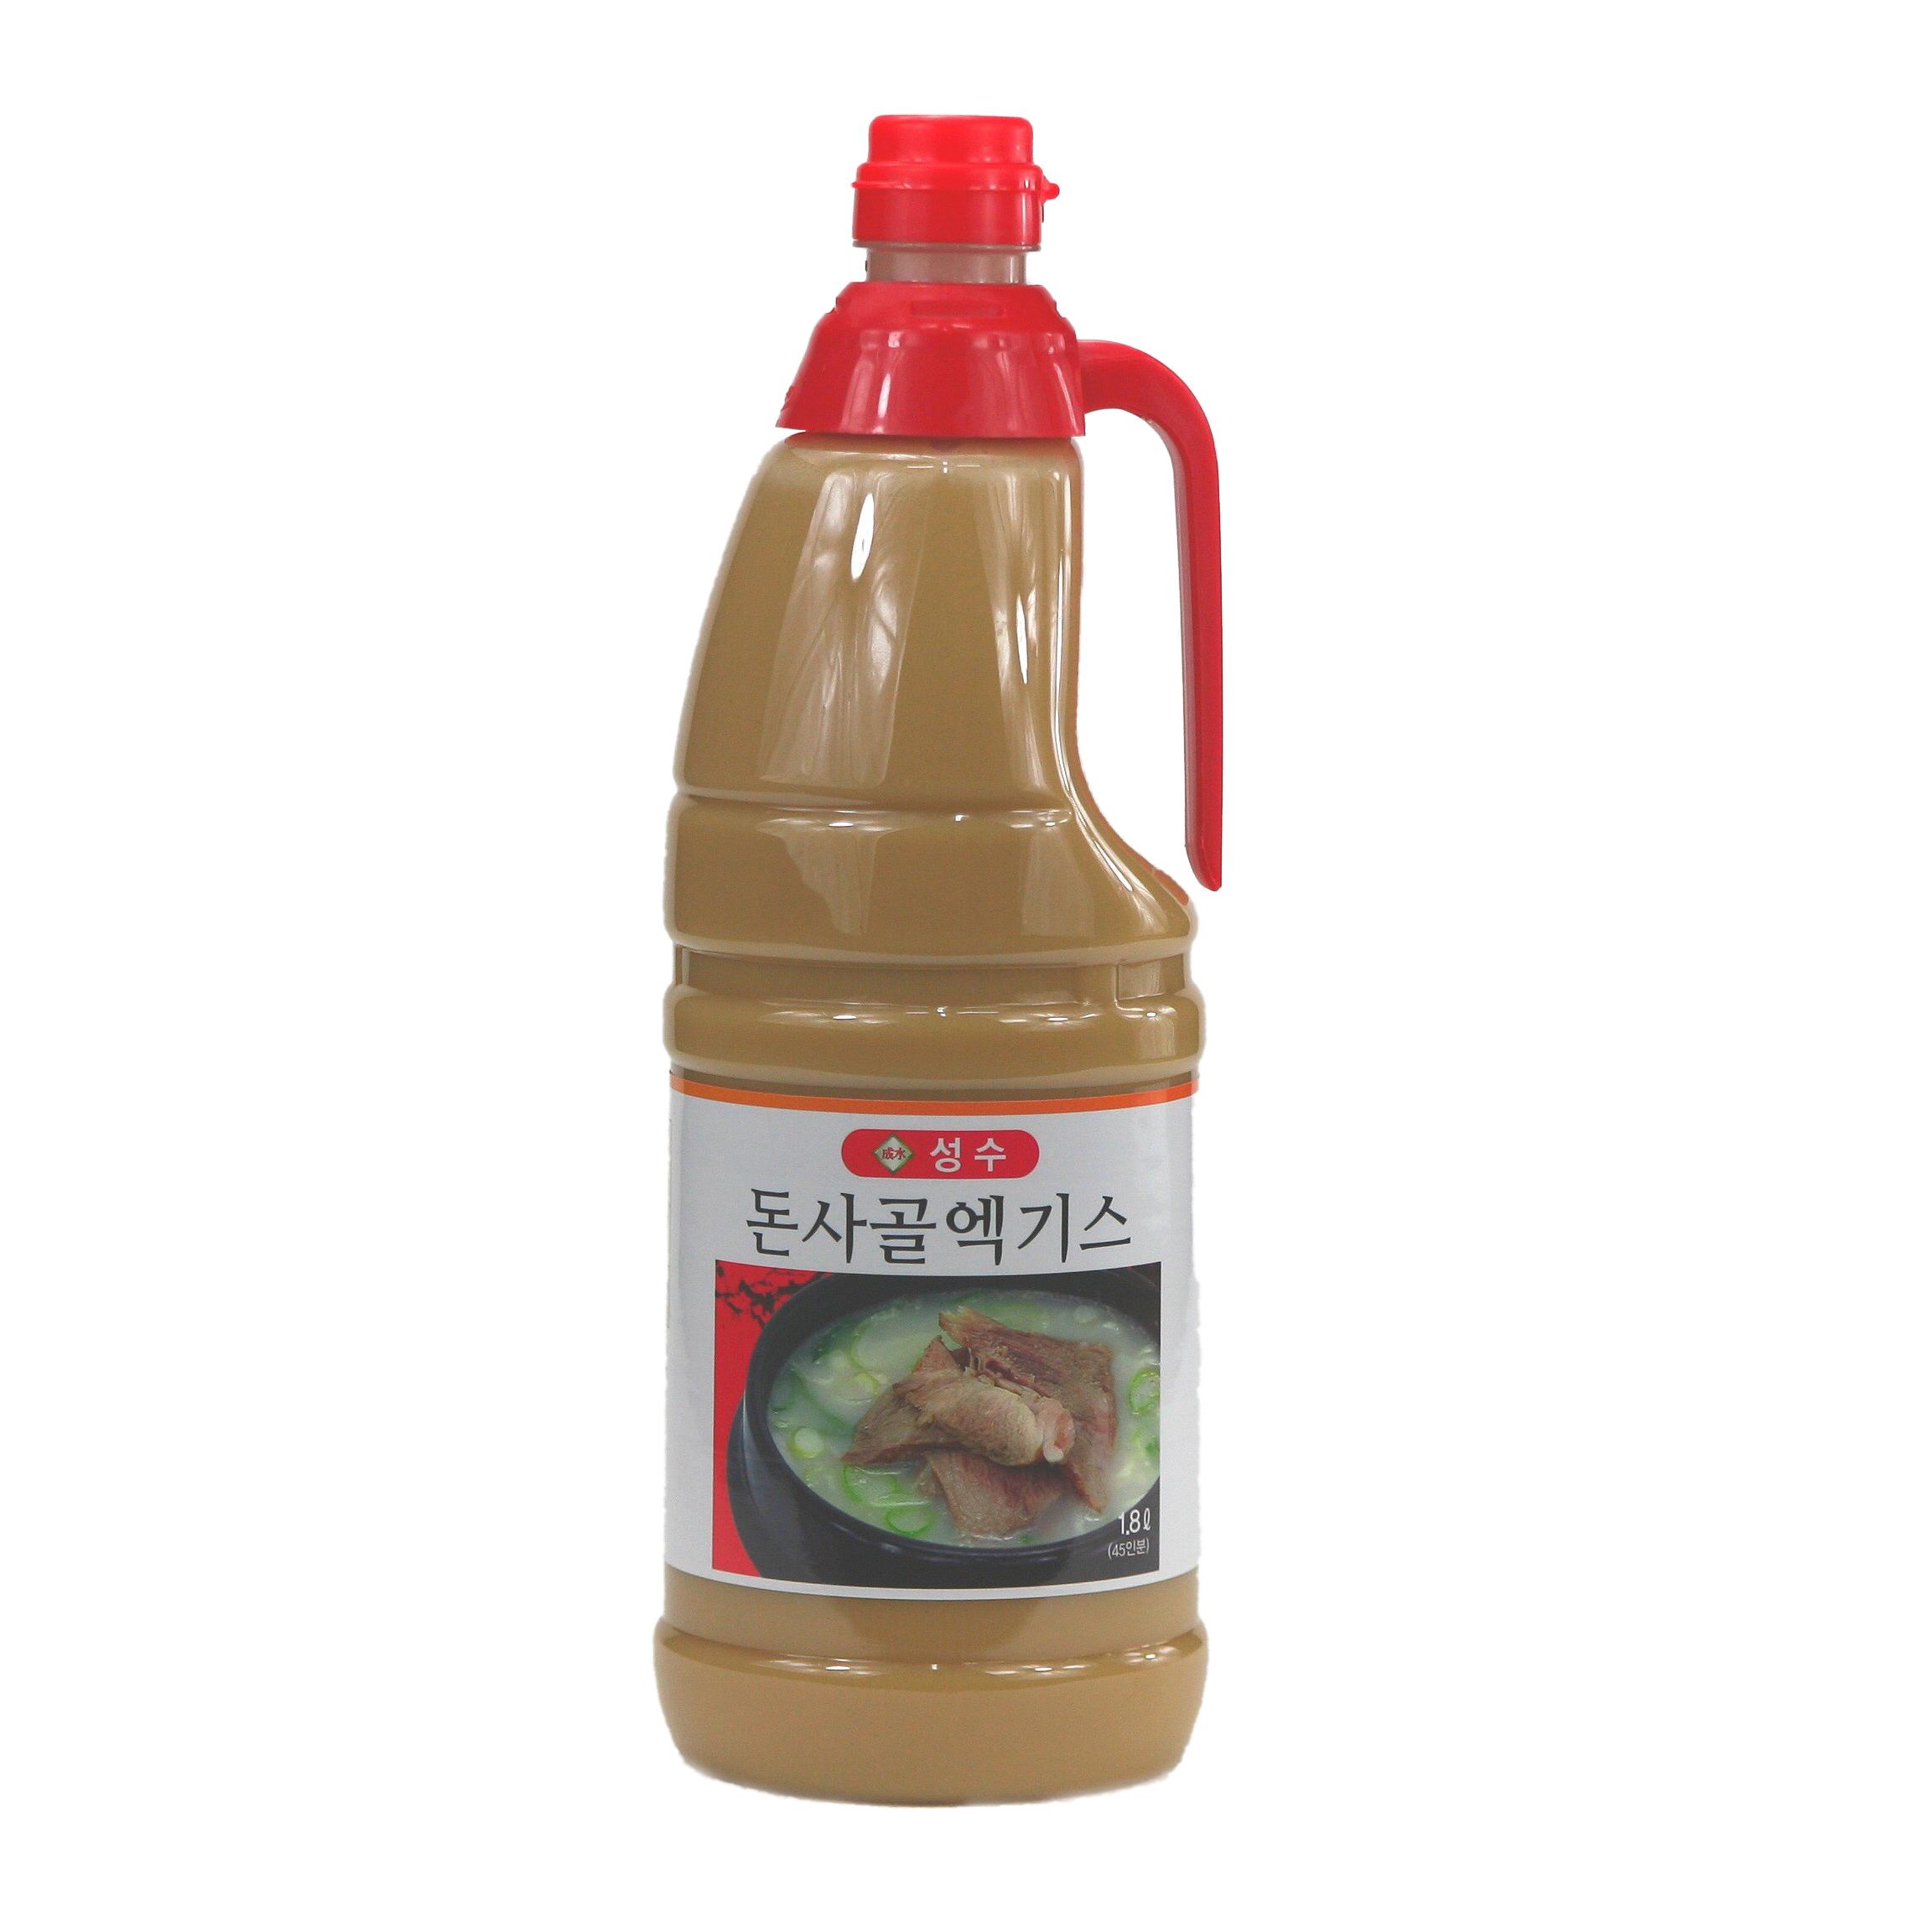 성수 돈사골 엑기스, 1개, 1800ml